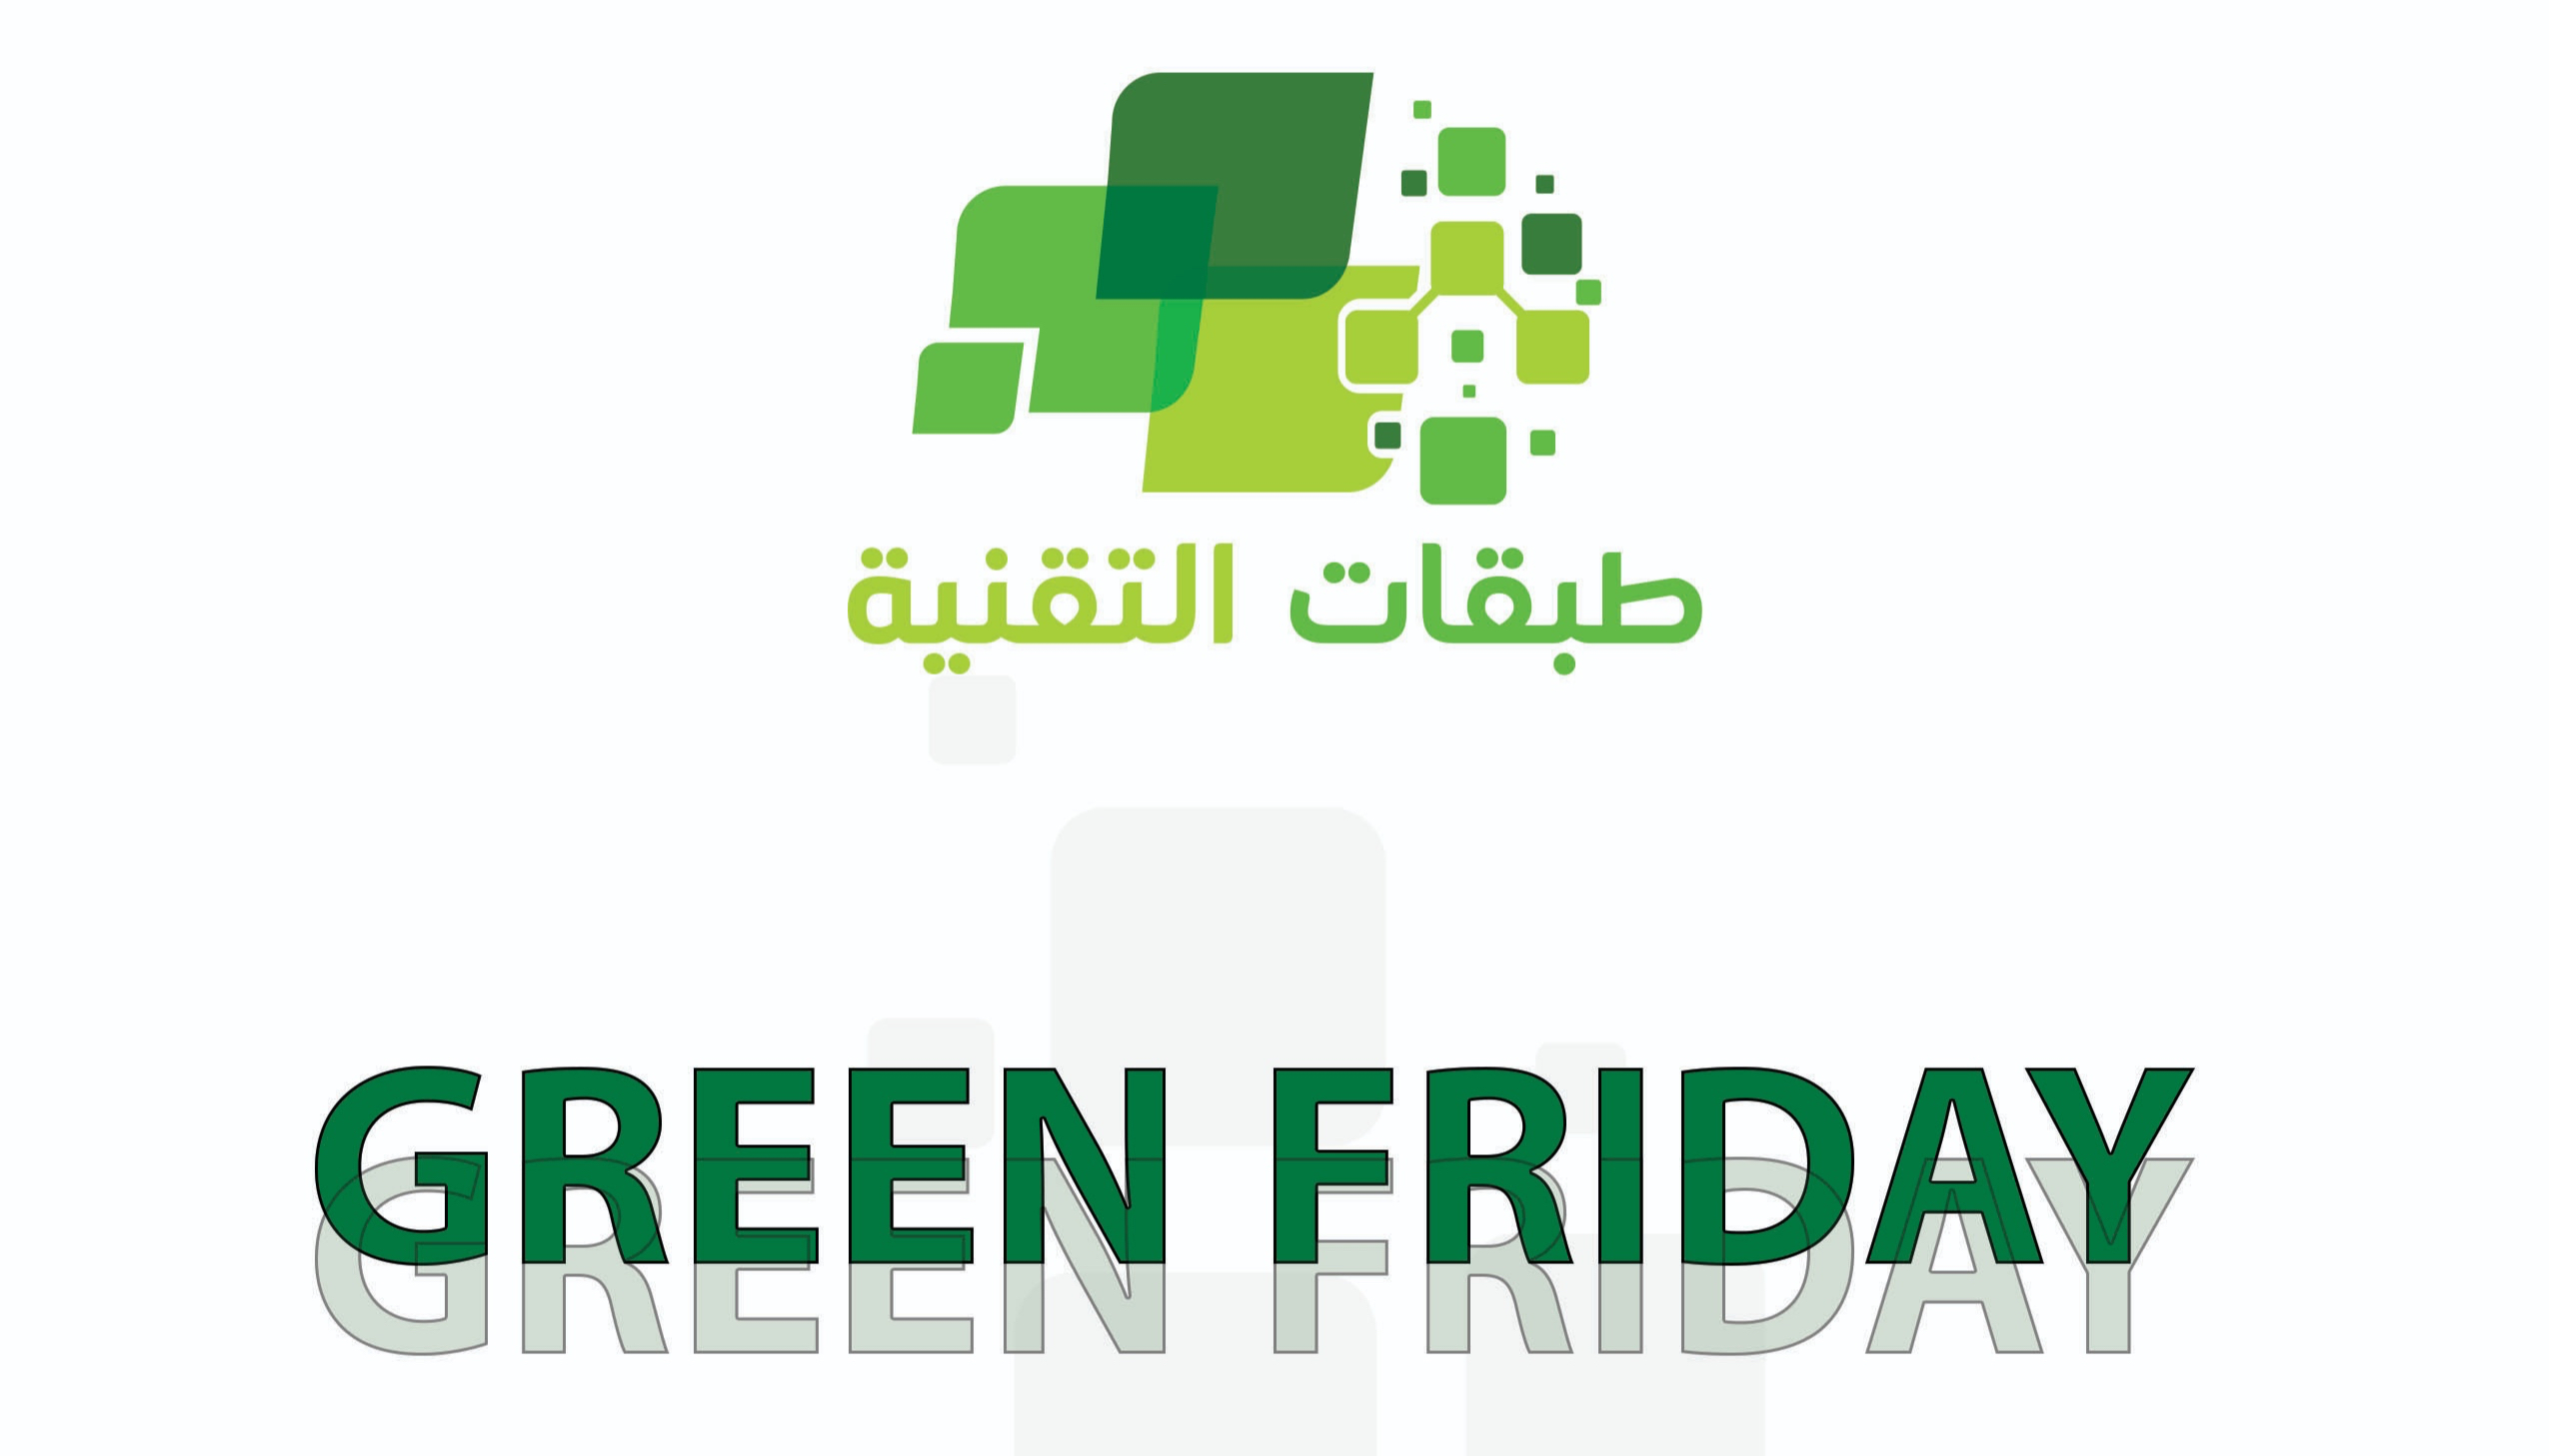 عروض الجمعة الخضراء